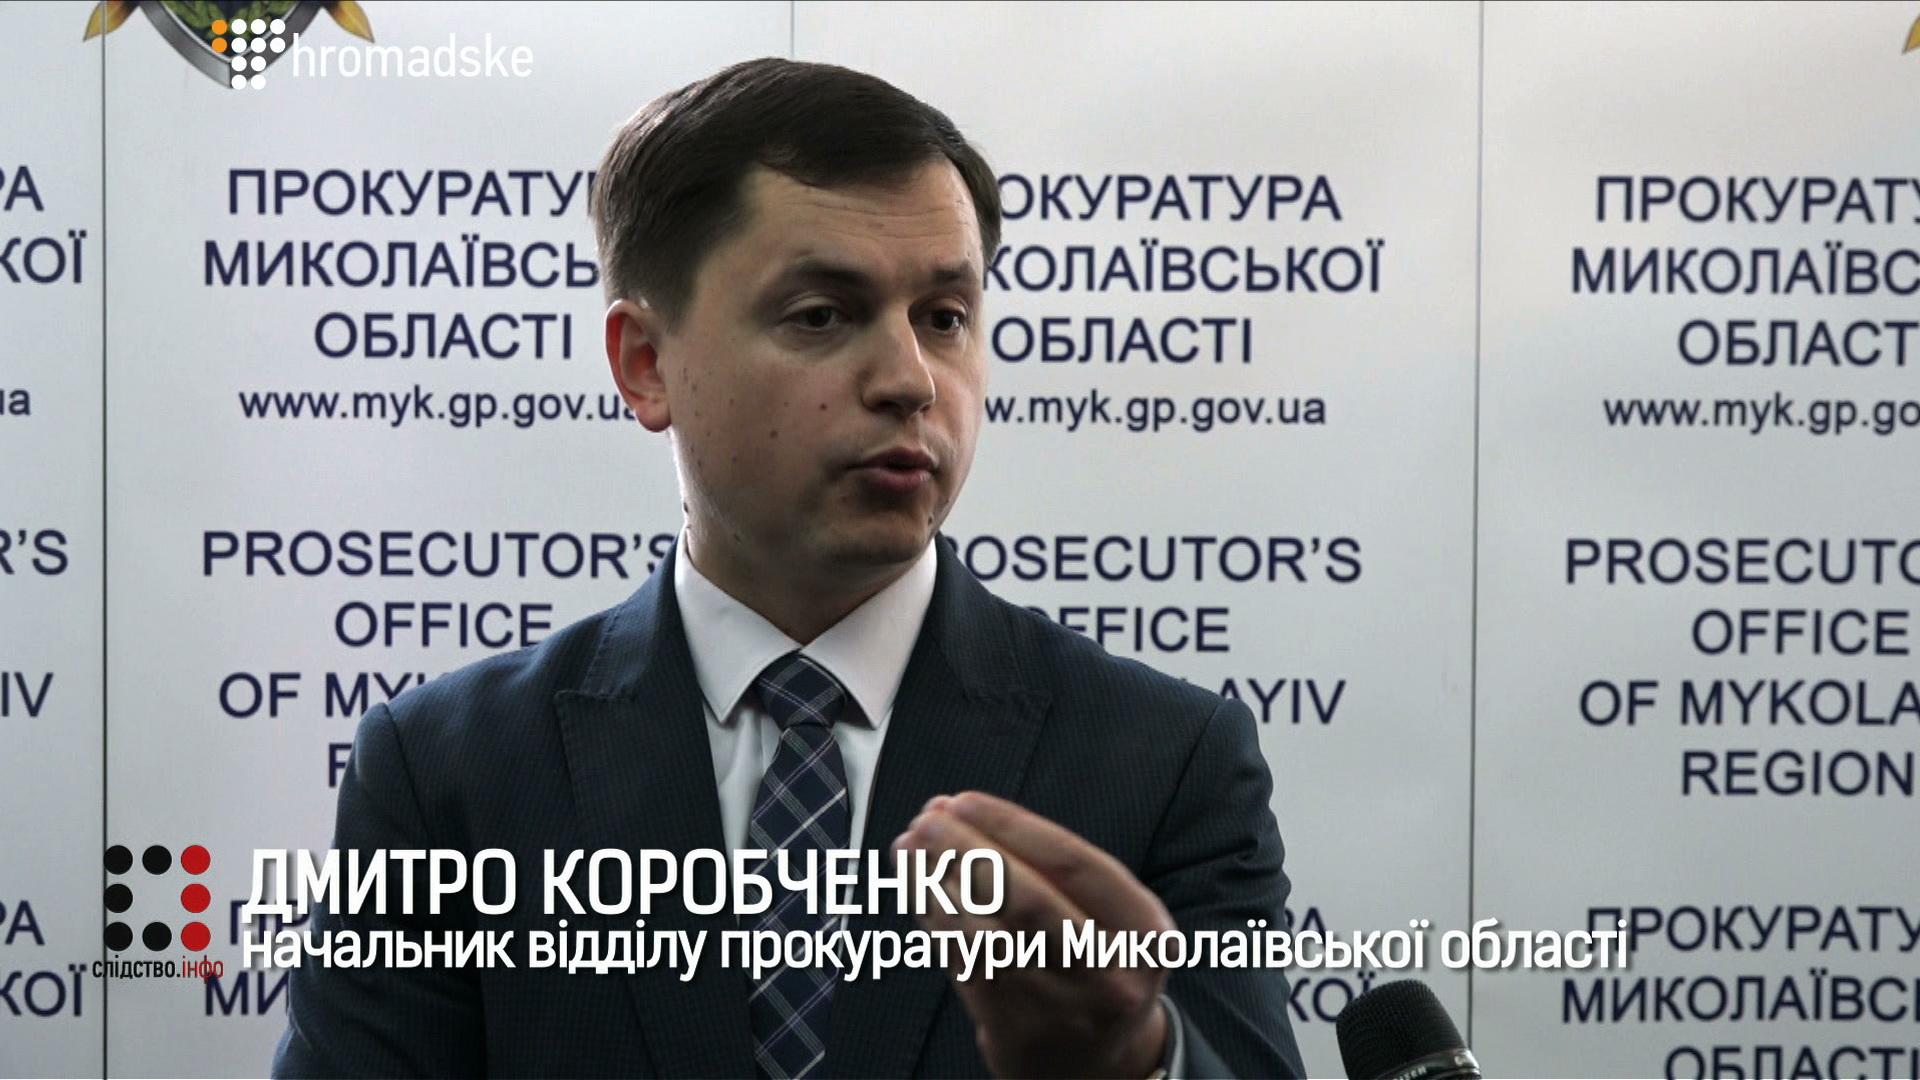 """На Миколаївщині замість """"кіборгів"""" землю біля моря отримали прокурори та судді"""